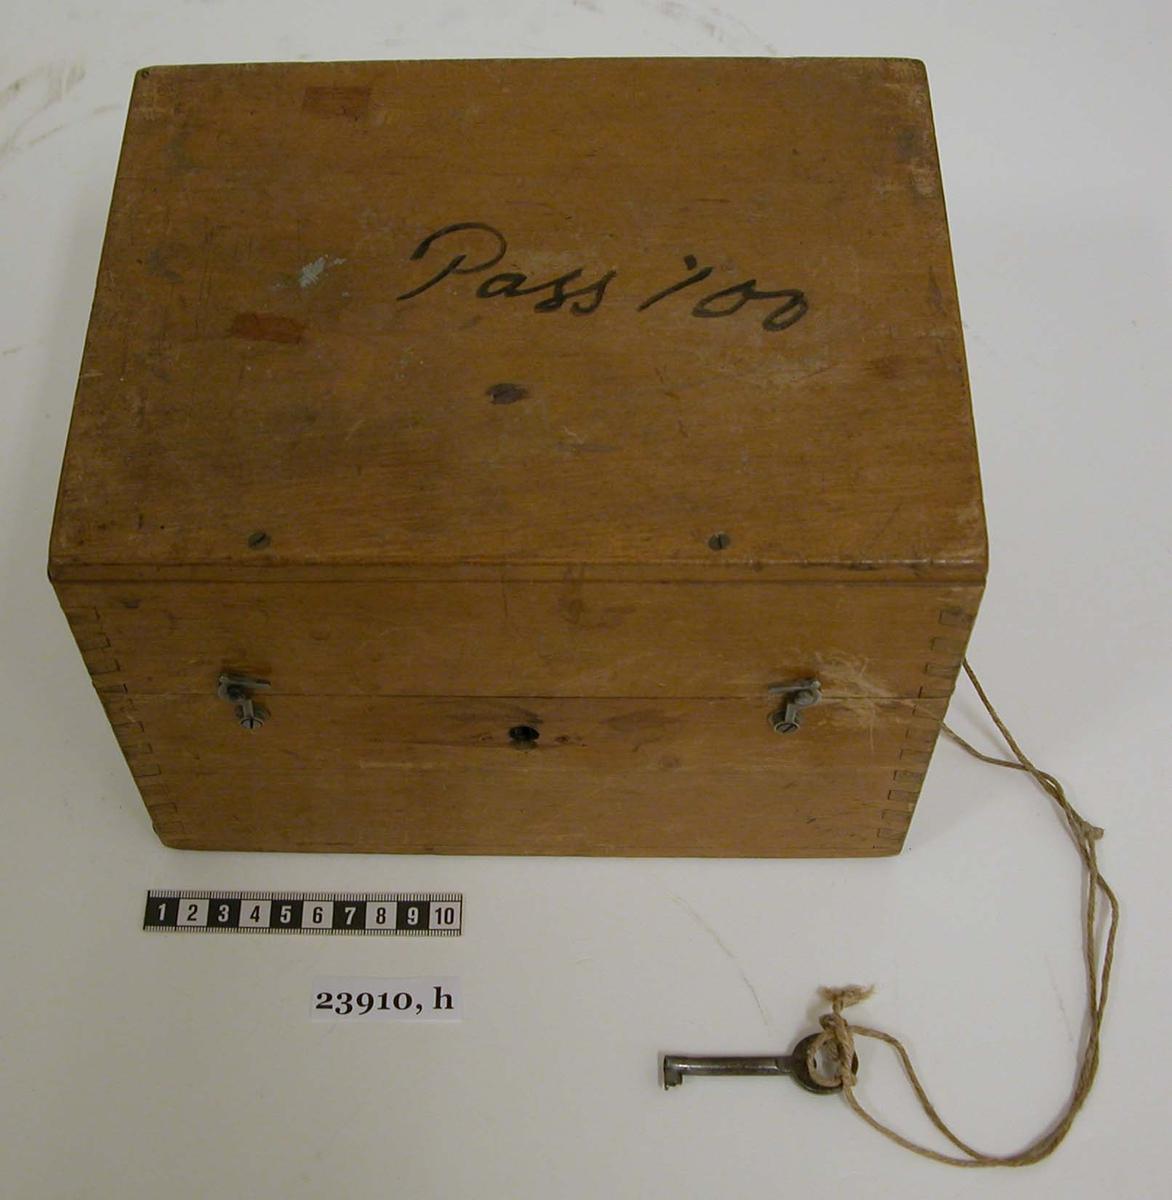 """Låda av trä med lås och tillhörande nyckel. På högra kortsidan sitter ett handtag av metall. På framsidan sitter två haspar. I lådan sitter filtklädda delar till prövningsinstrumentet samt för reservlinser i locket. På lockets insida sitter en handskriven papperslapp försedd med texten """"Prövningsinstrument för stereoskopiskt seende"""", """"Nr. 8079"""" samt """"Kungl. Marinförvaltningen"""". På lockets ovansidan finns texten """"Pass 100"""", skrivet med svart tusch."""